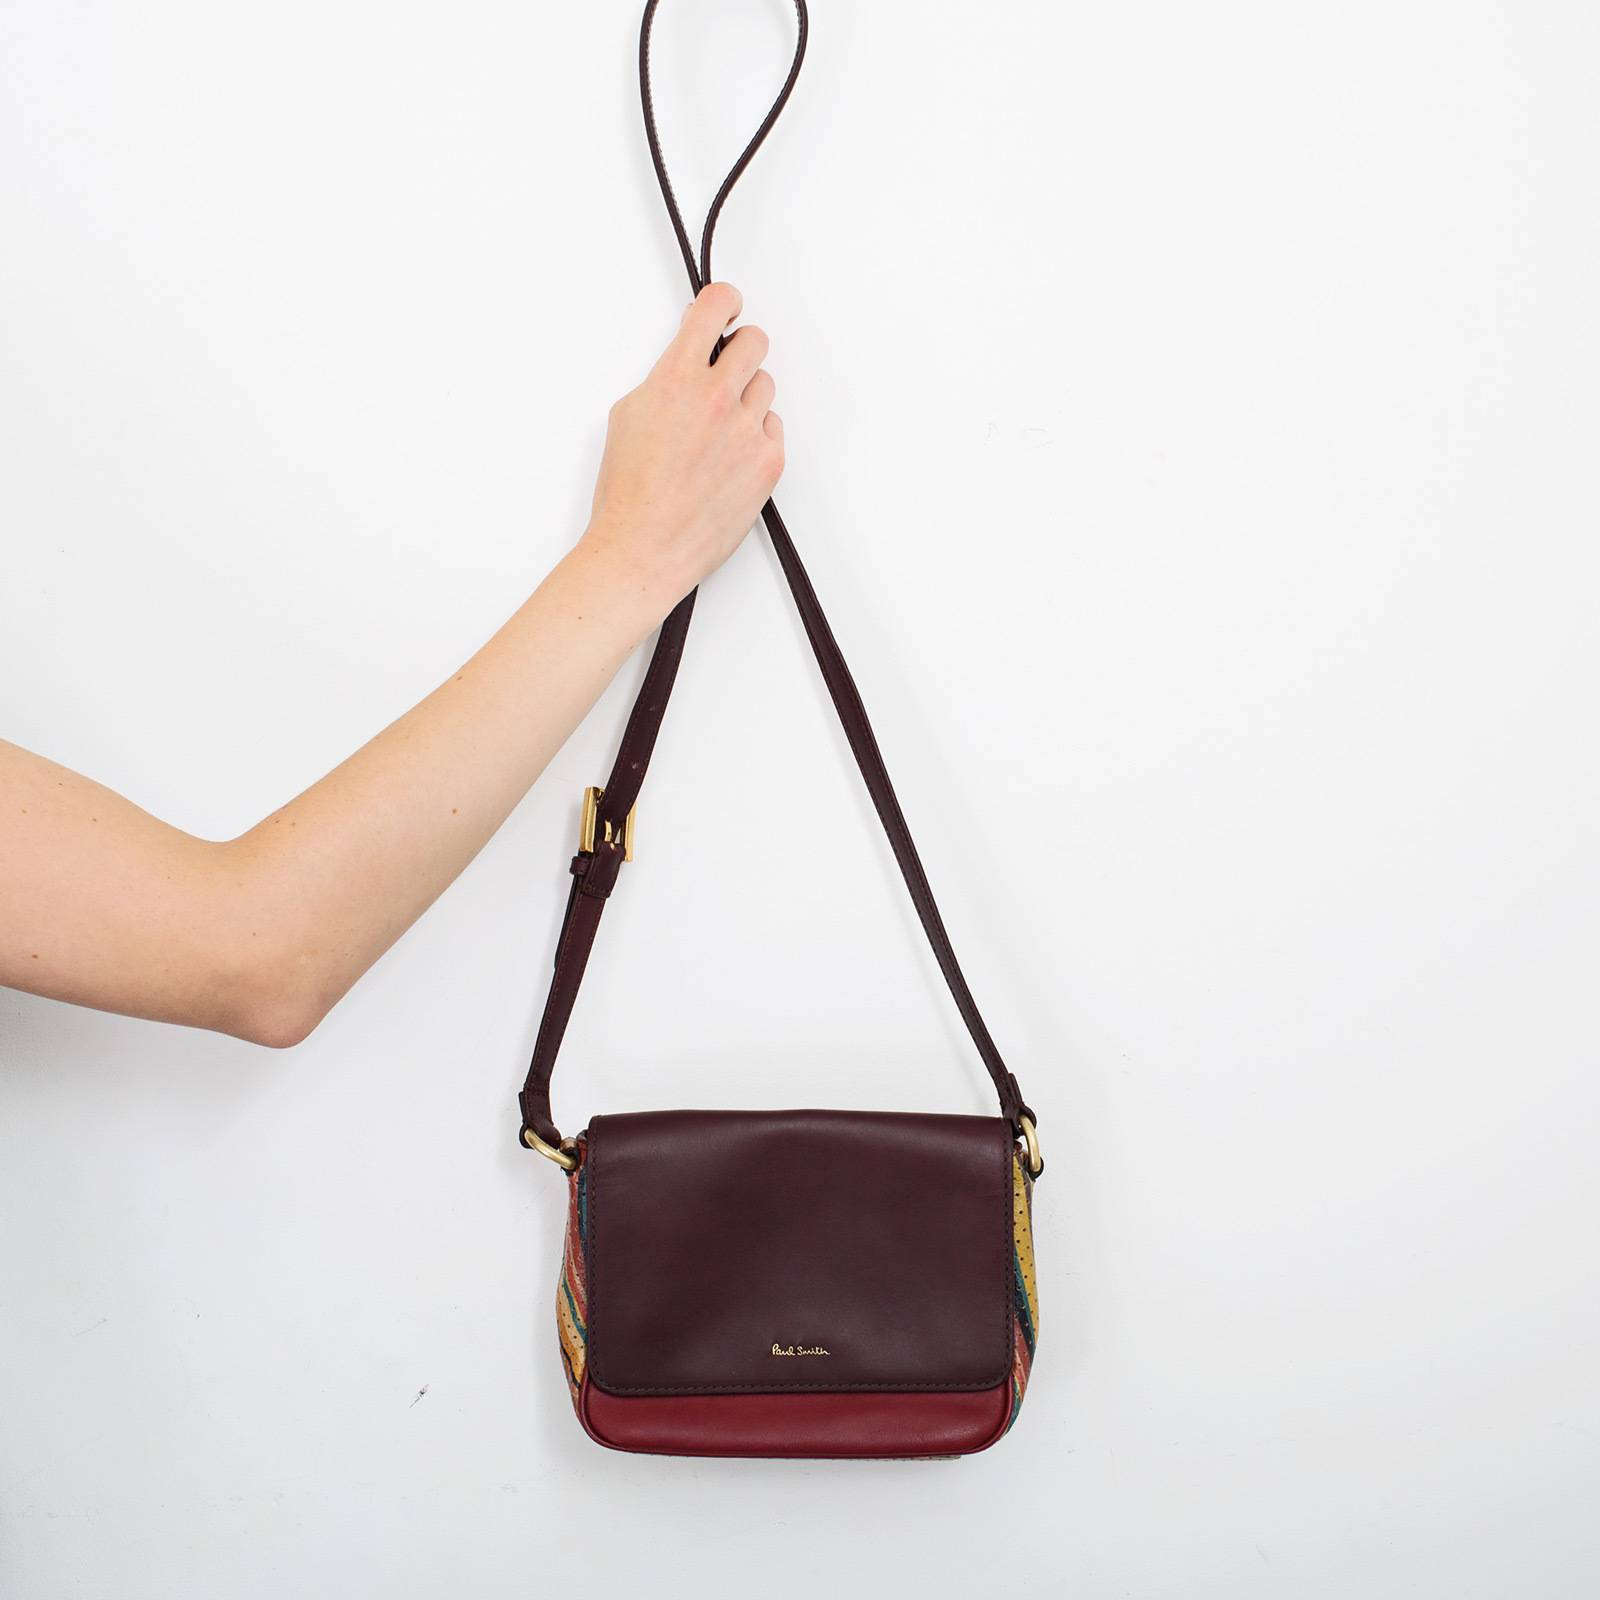 3285727d Купить сумку Paul Smith в Москве с доставкой по цене 5400 рублей ...